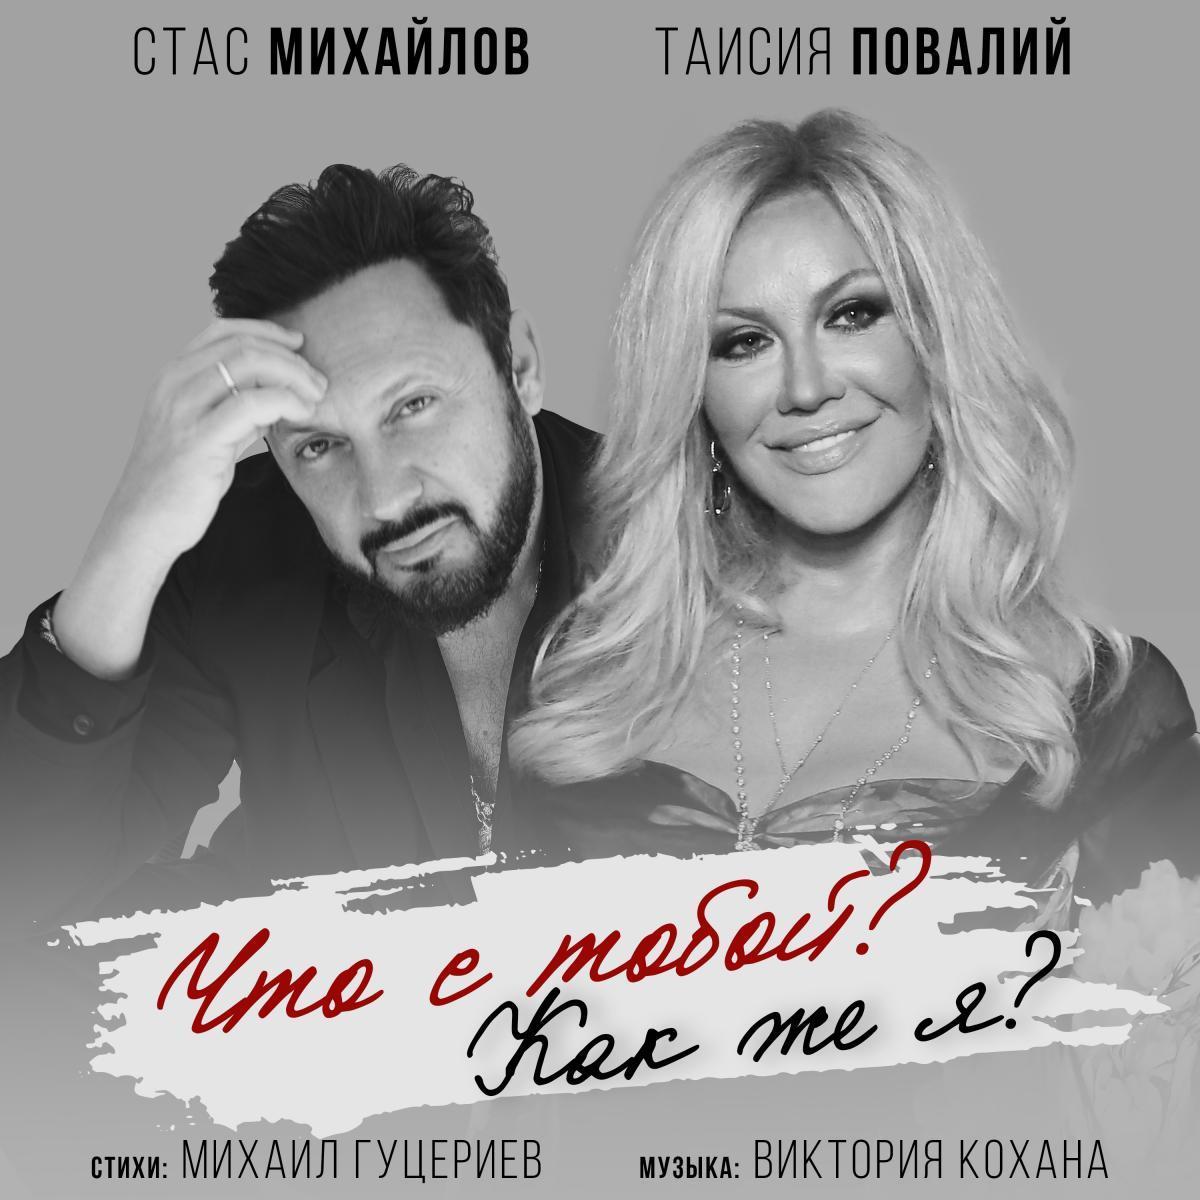 Спустя 11 лет, Стас Михайлов и Таисия Повалий представляют новую совместную премьеру песни